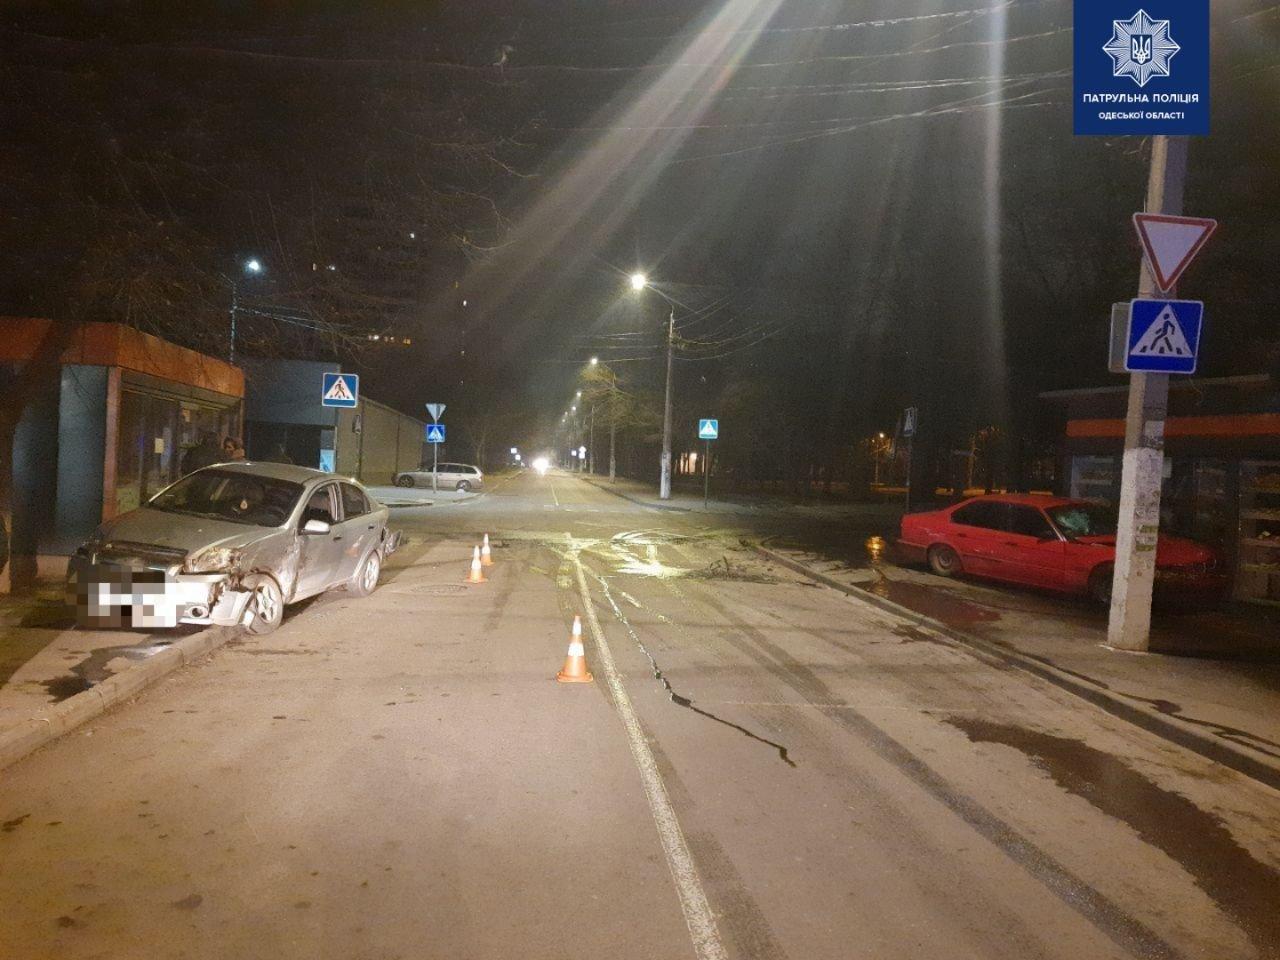 ДТП в Одессе: Автомобиль влетел в магазин, - ФОТО, фото-11